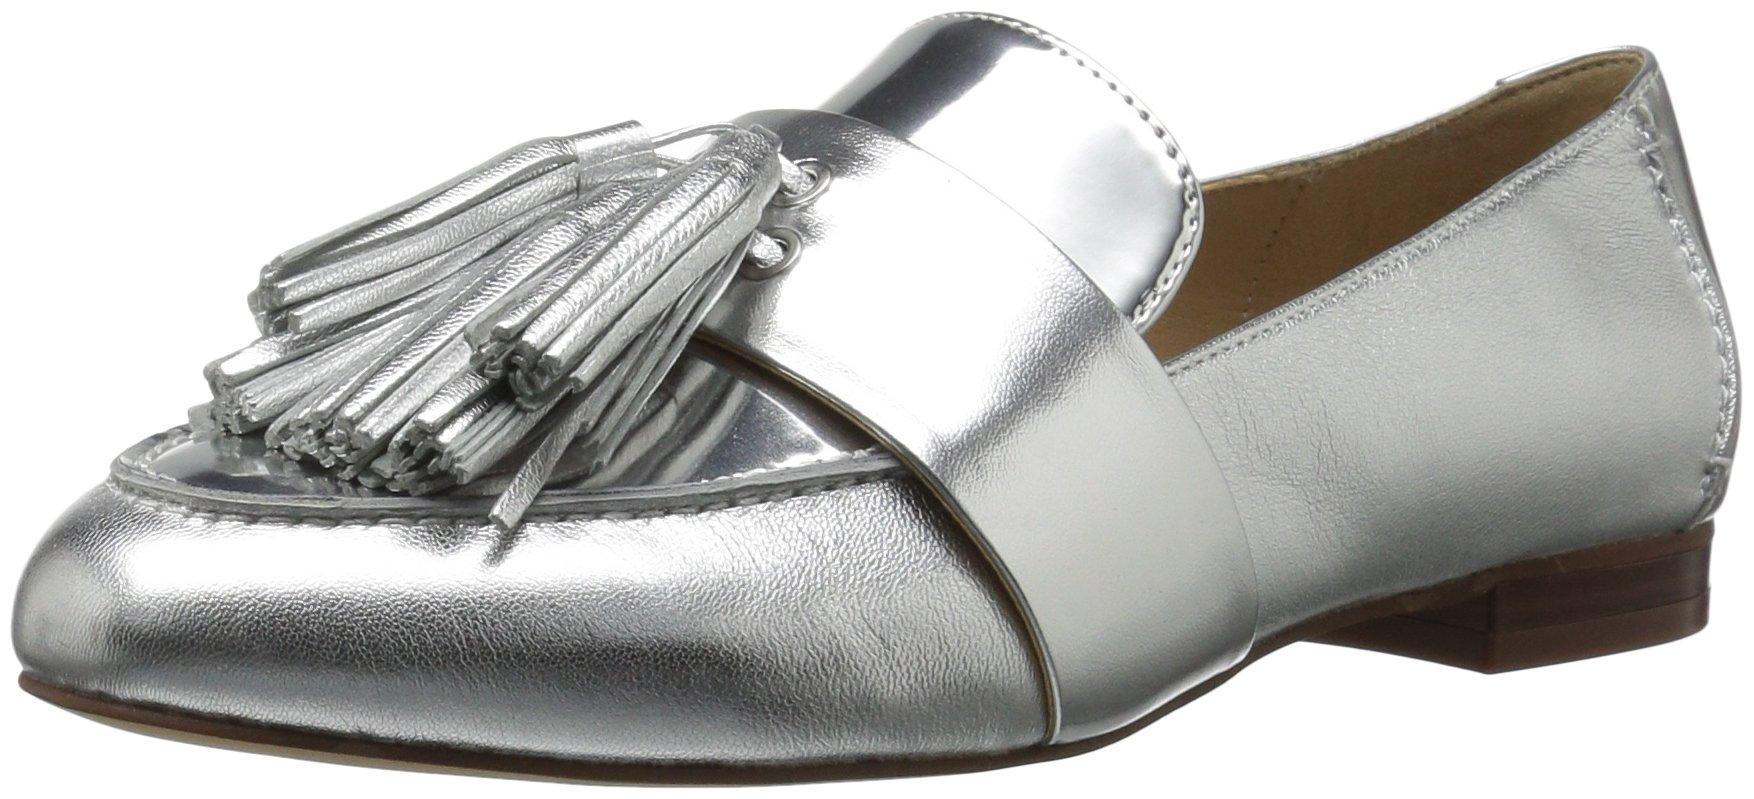 The Fix Women's Fabiana Tassel Penny Loafer, Silver/Metallic, 7 M US